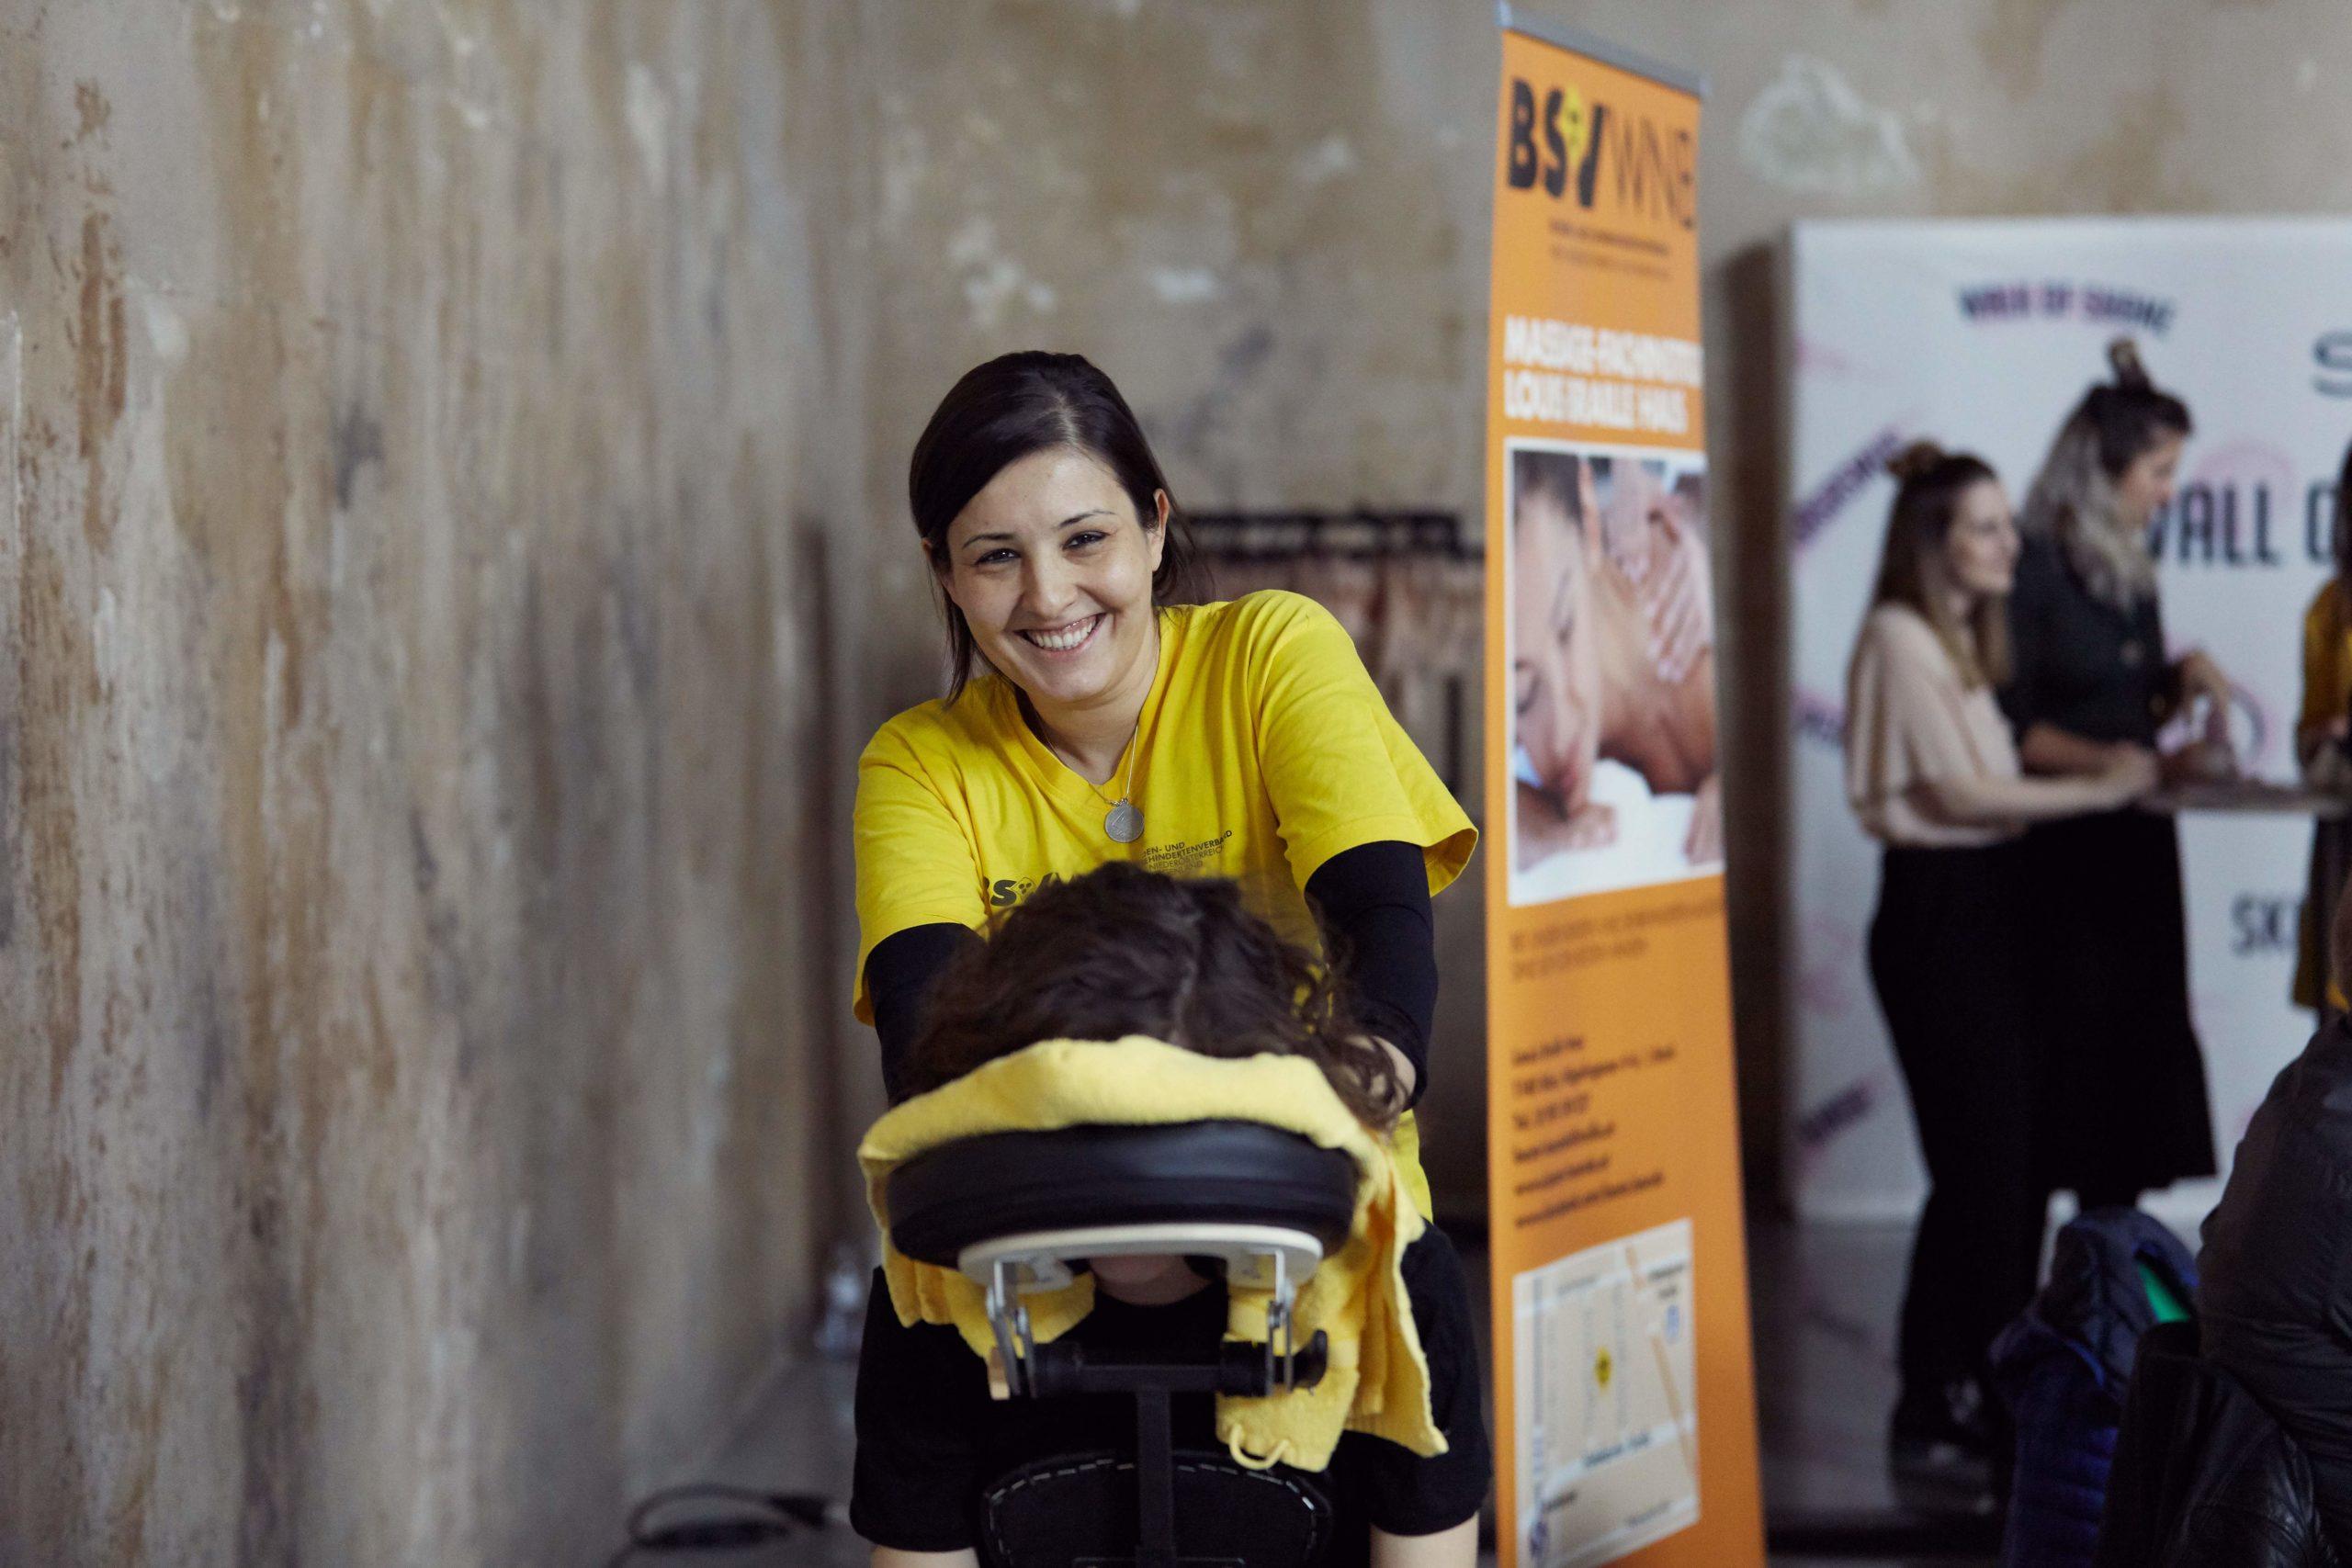 Auf diesem Bild sieht man eine junge Frau vom Blindenvberband, die gerade jemanden am Rücken massiert.